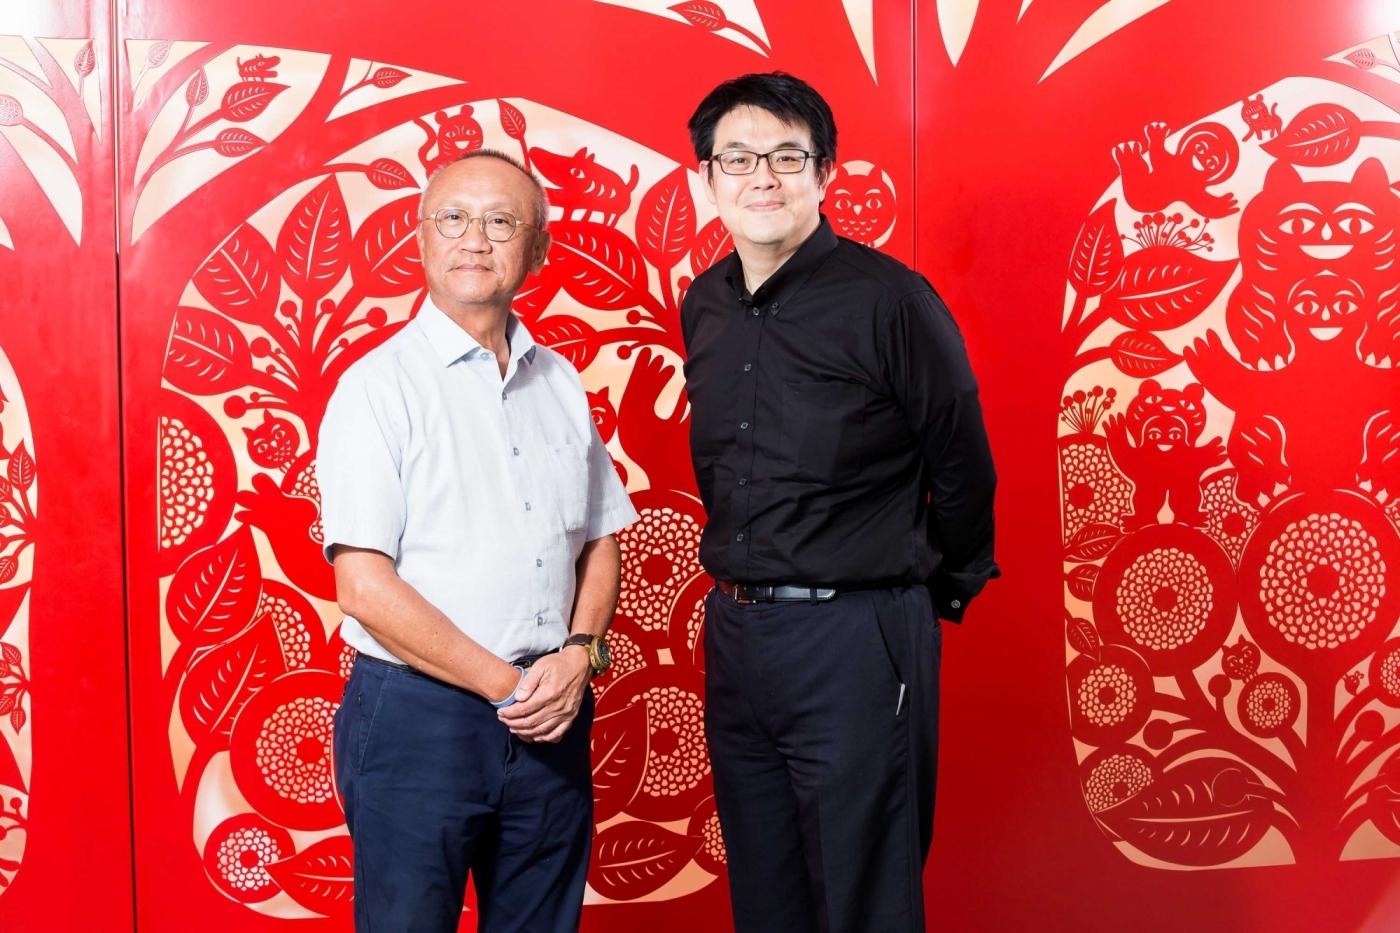 【獨家專訪】賣工廠、投資iKala,緯創集團數位轉型5年心法首公開,黃柏漙為何猛催新創「膽子要大」?